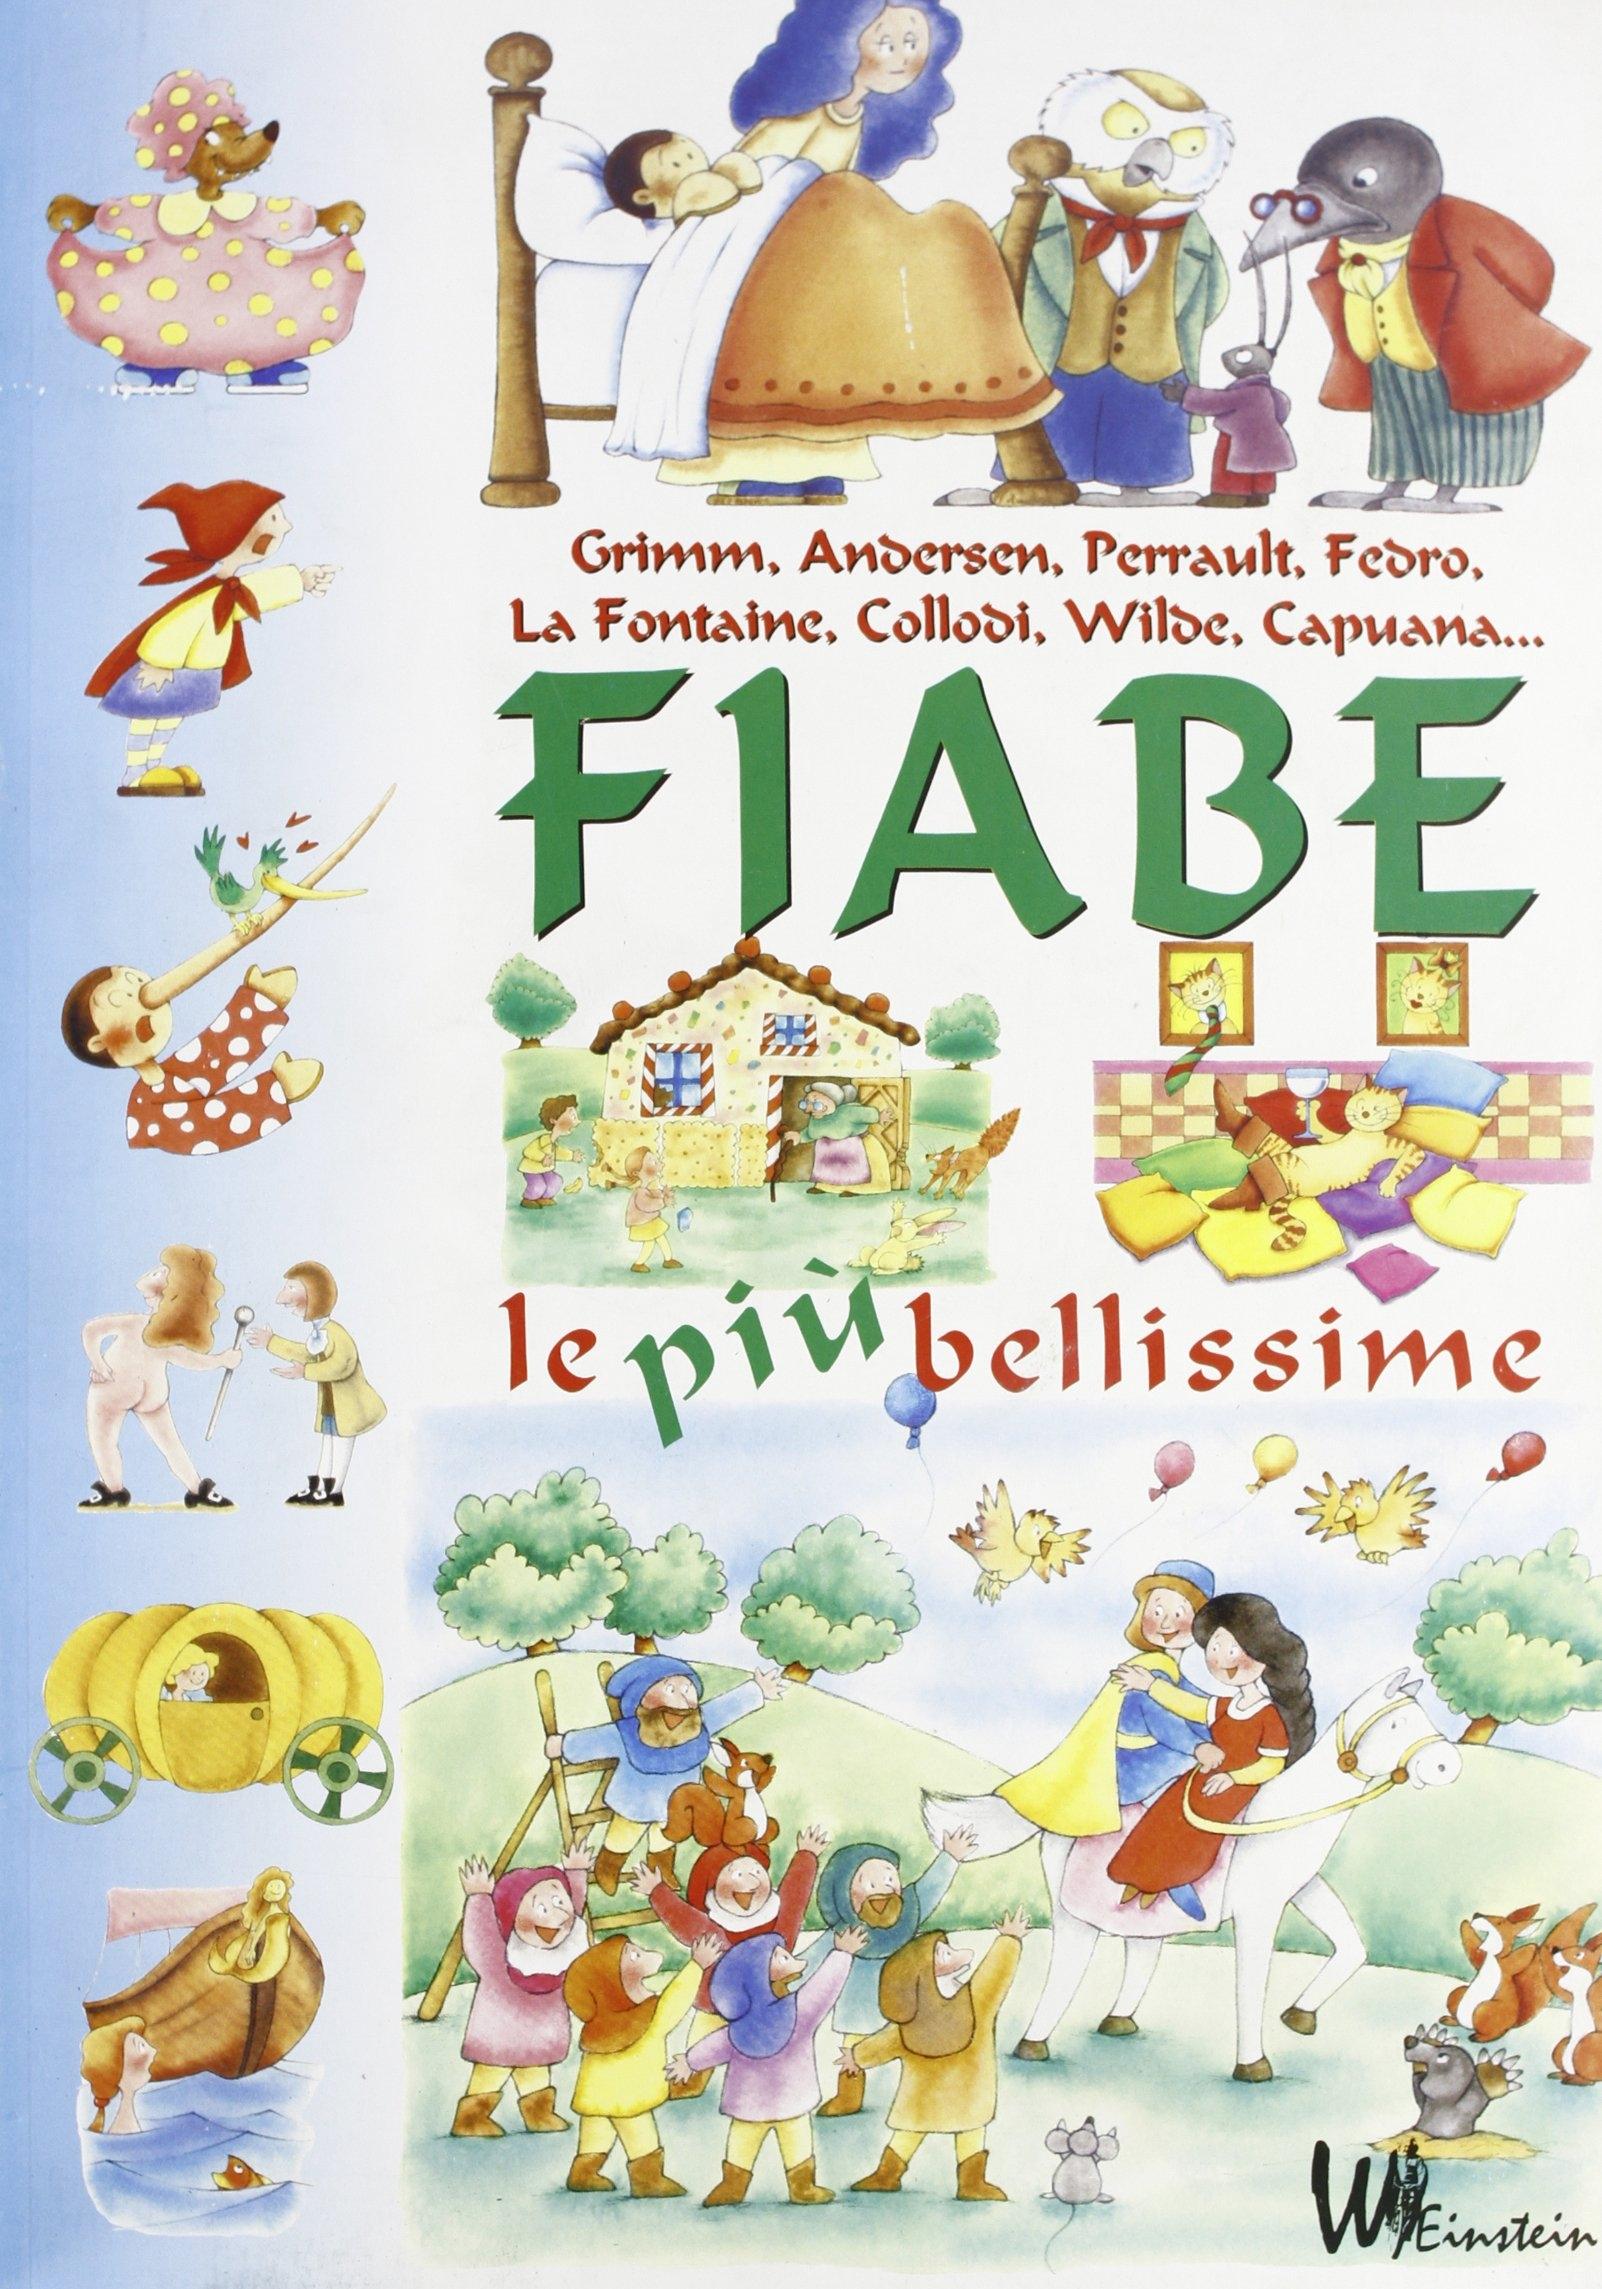 Fiabe Italiane. Pinocchiole Fiabe Italiane più Belle